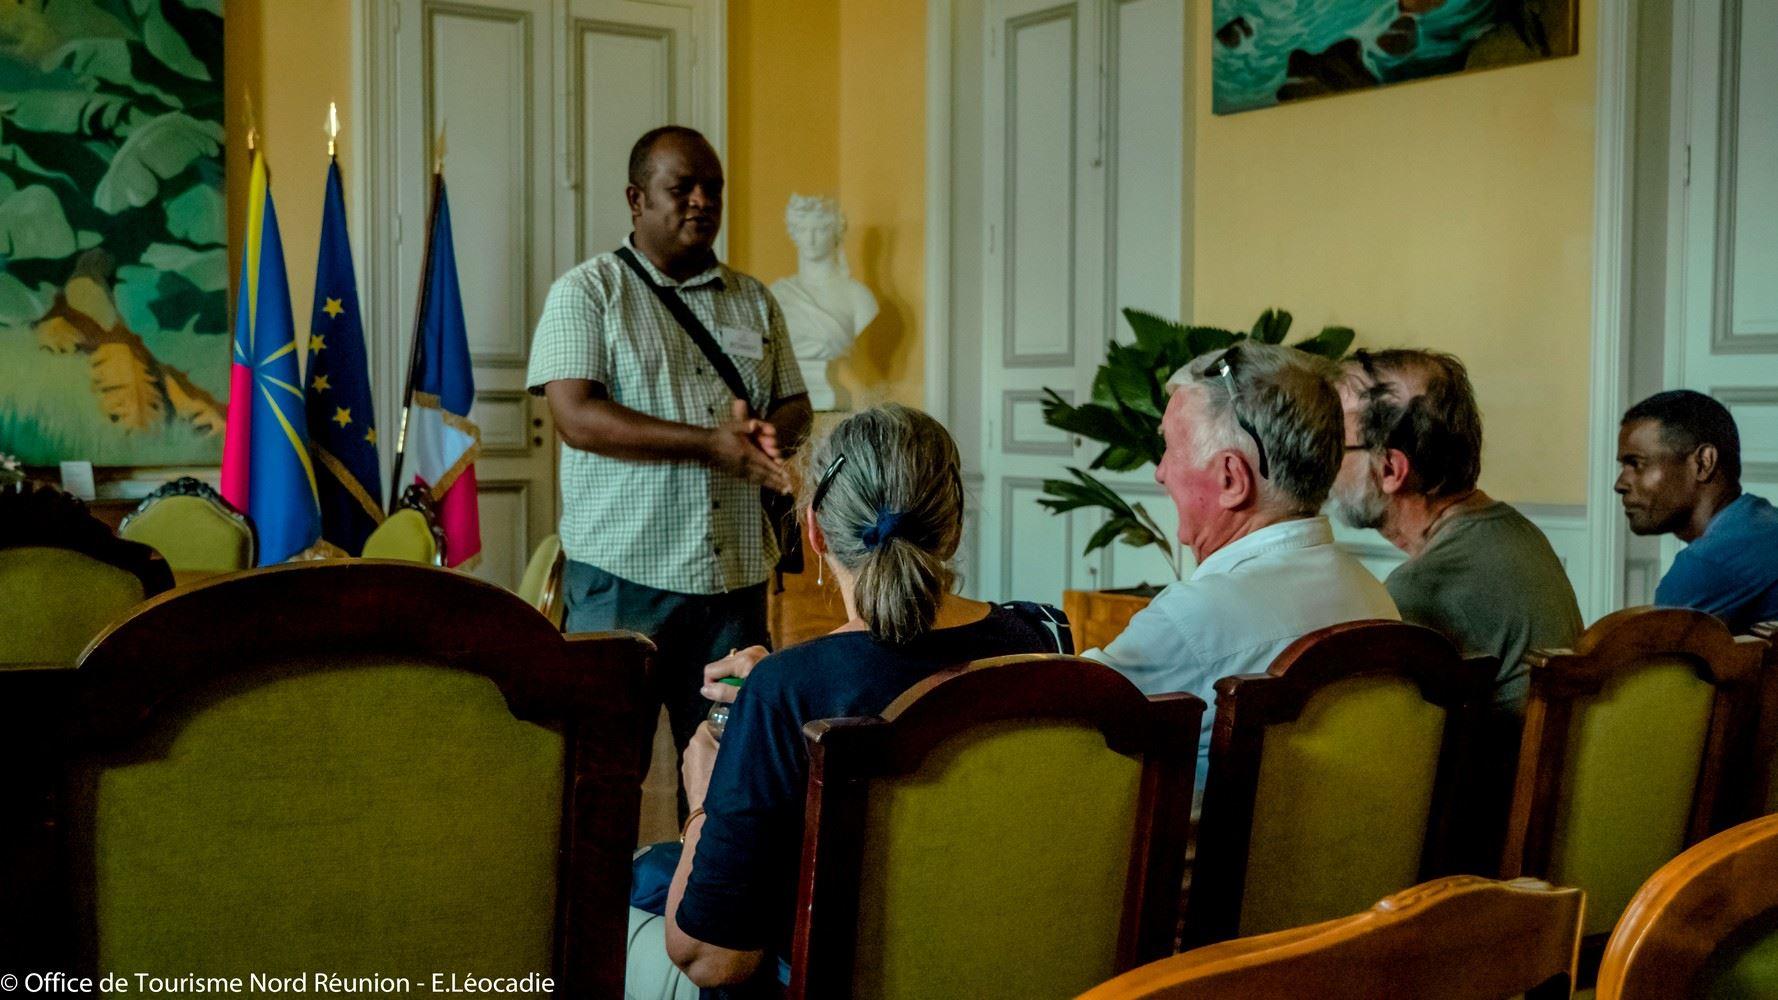 Ancien Hôtel de Ville de St-Denis - Visite officielle labellisée